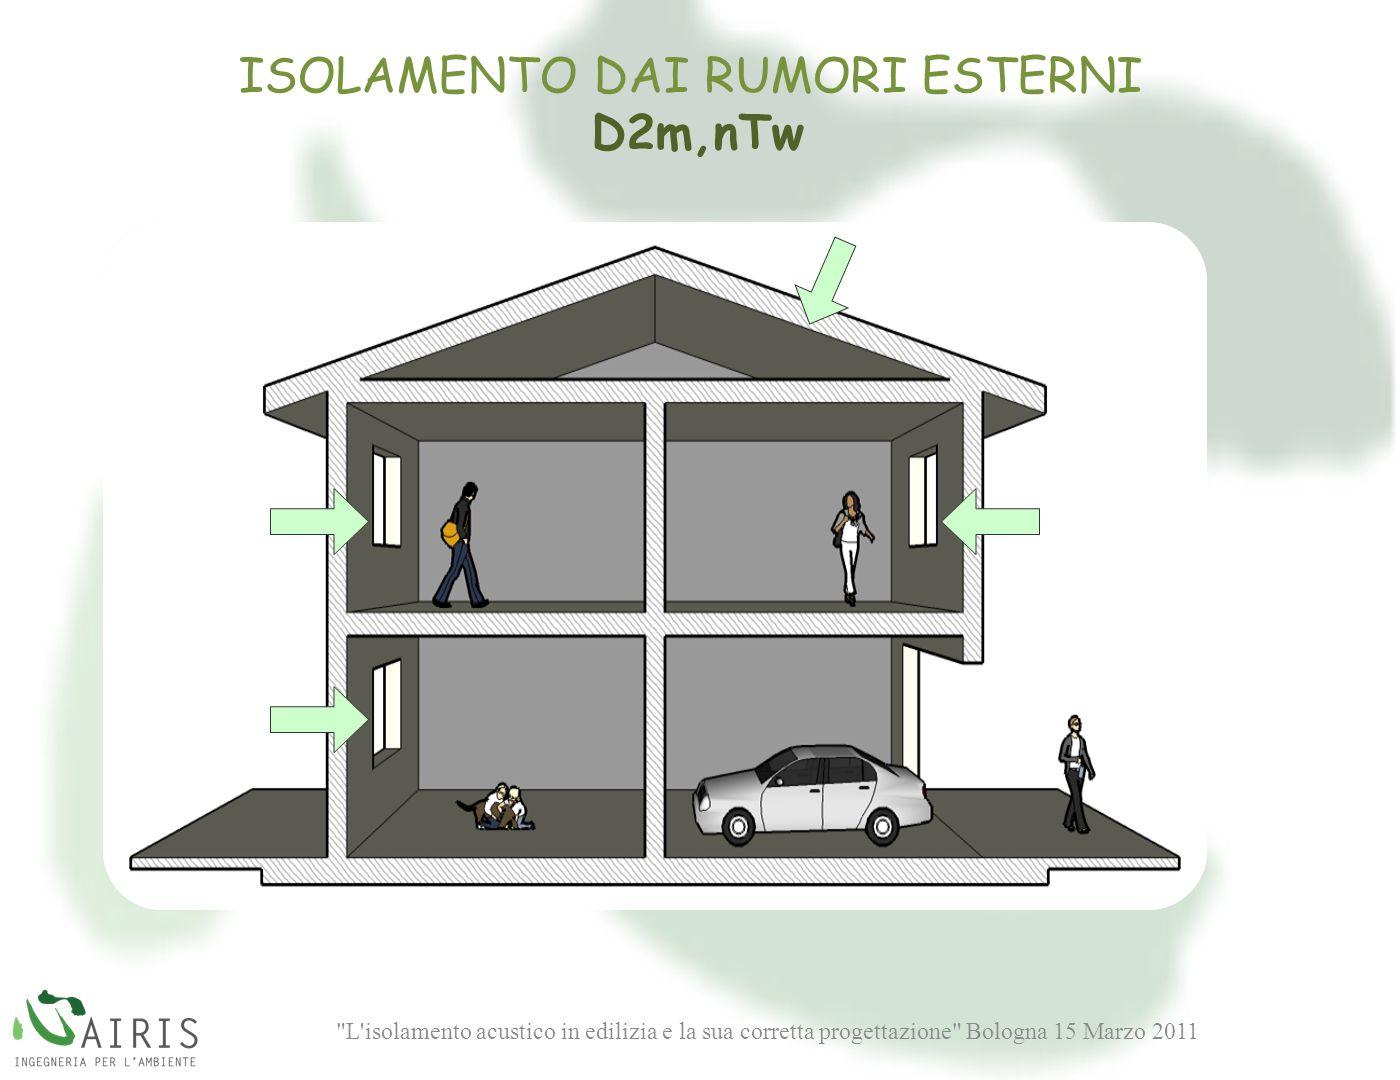 L isolamento acustico in edilizia e la sua corretta progettazione Bologna 15 Marzo 2011 ISOLAMENTO DAI RUMORI ESTERNI D2m,nTw